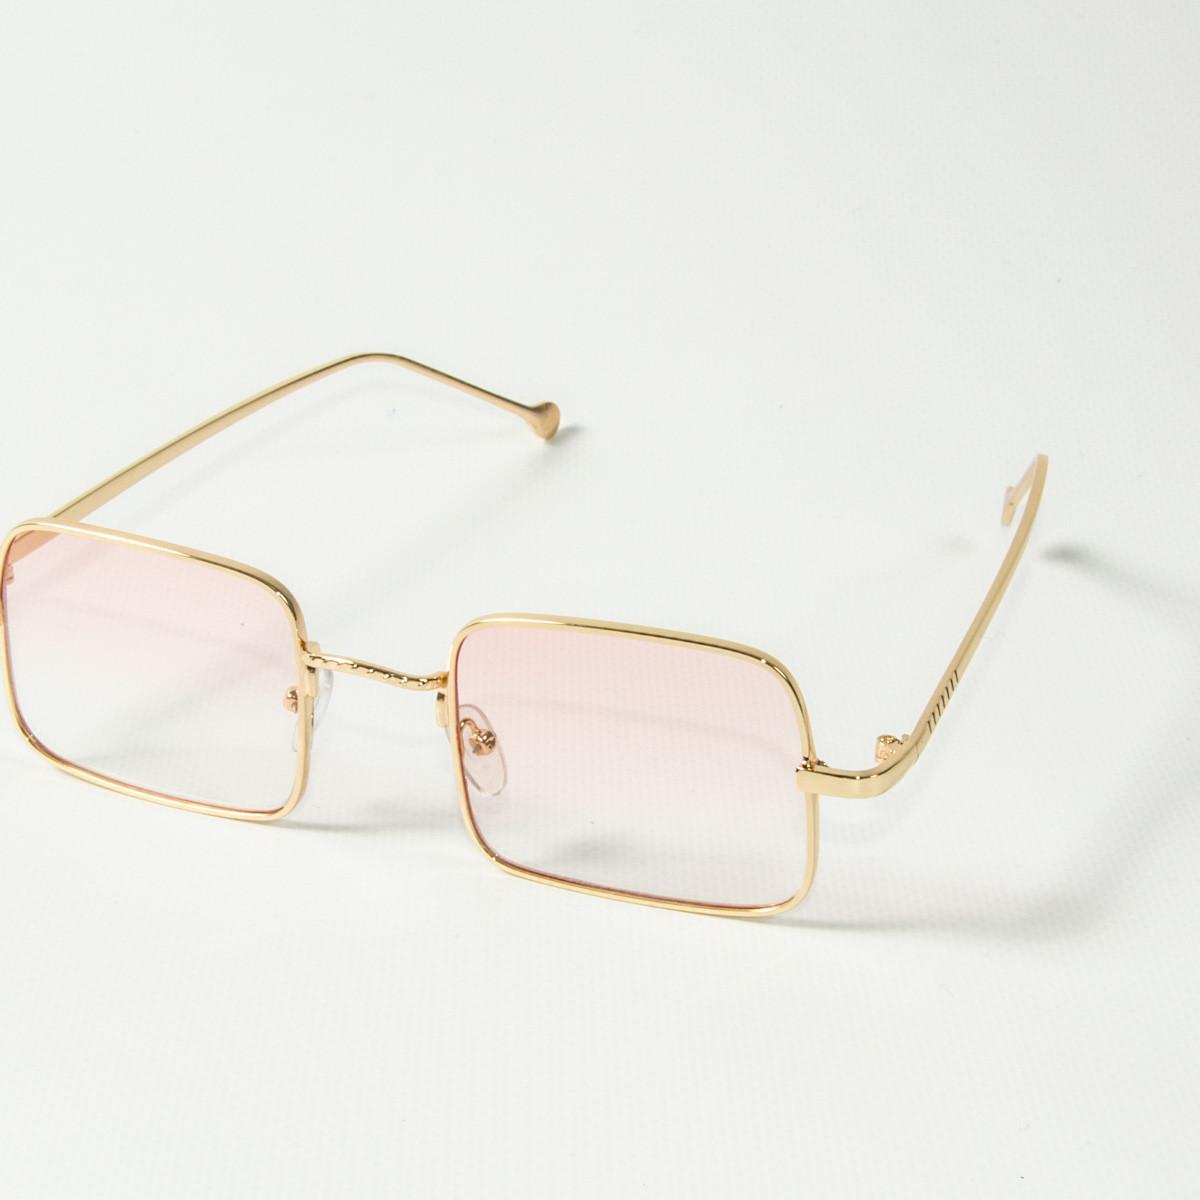 Оптом квадратные очки ретро-модель, полупрозрачные (арт. 10-6297/1) розовые